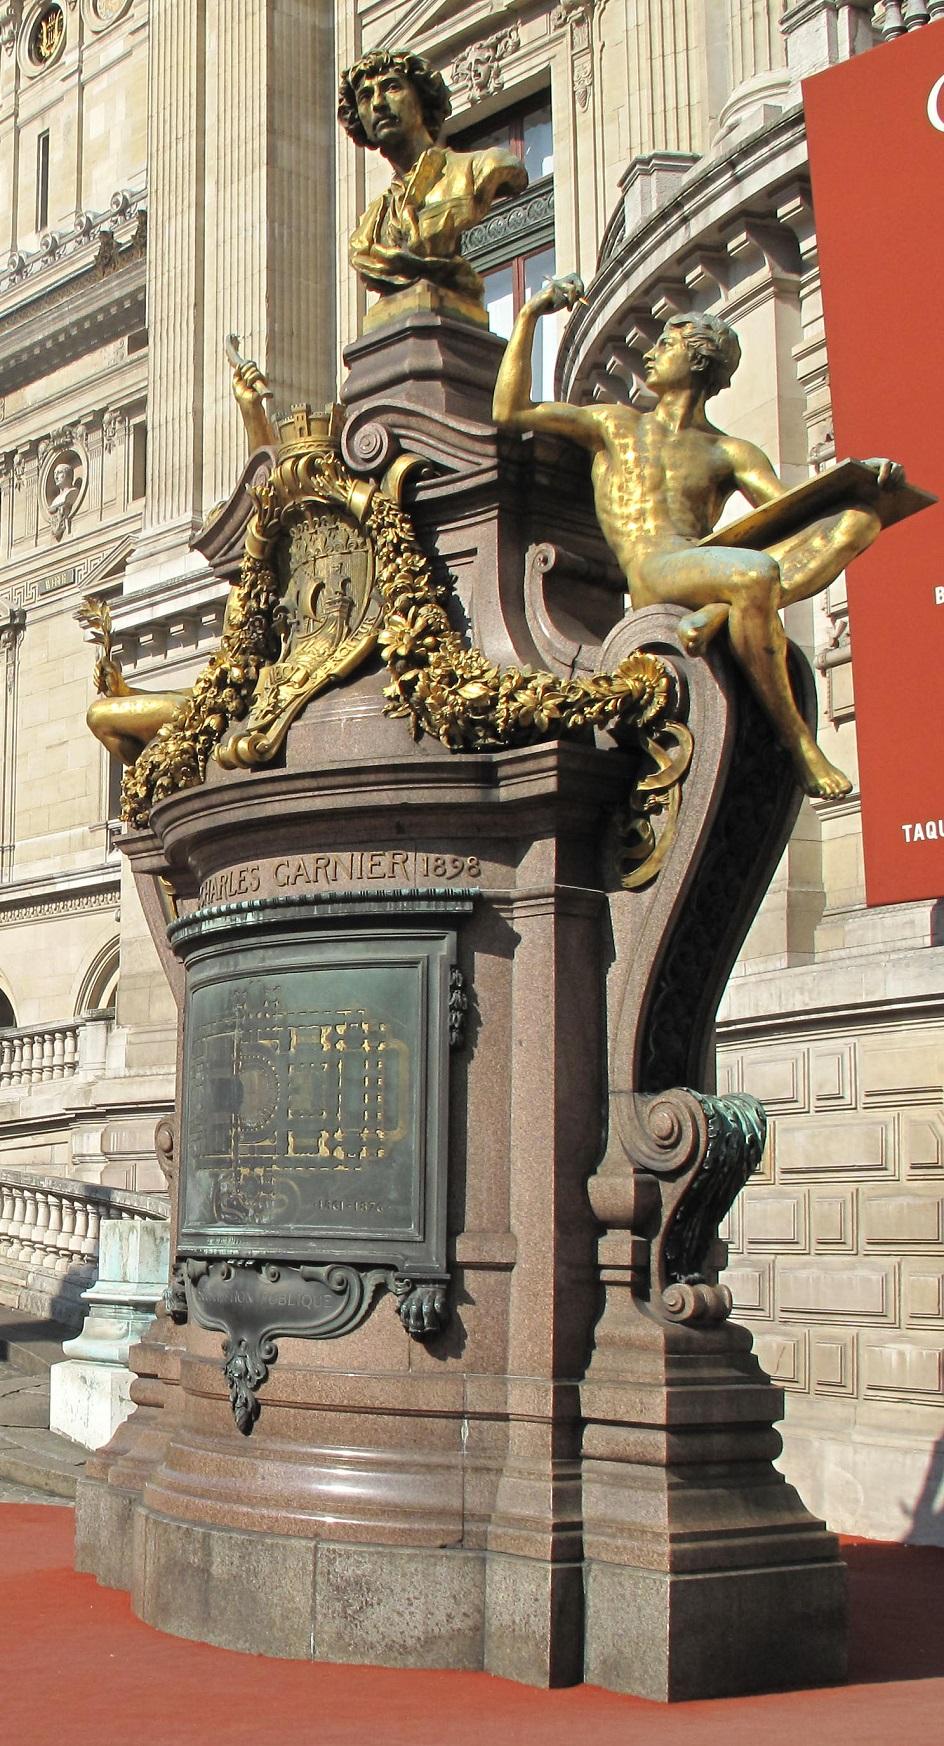 Шарль Гарнье. Памятник Шарлю Гарнье перед входом в Парижскую оперу, 1902